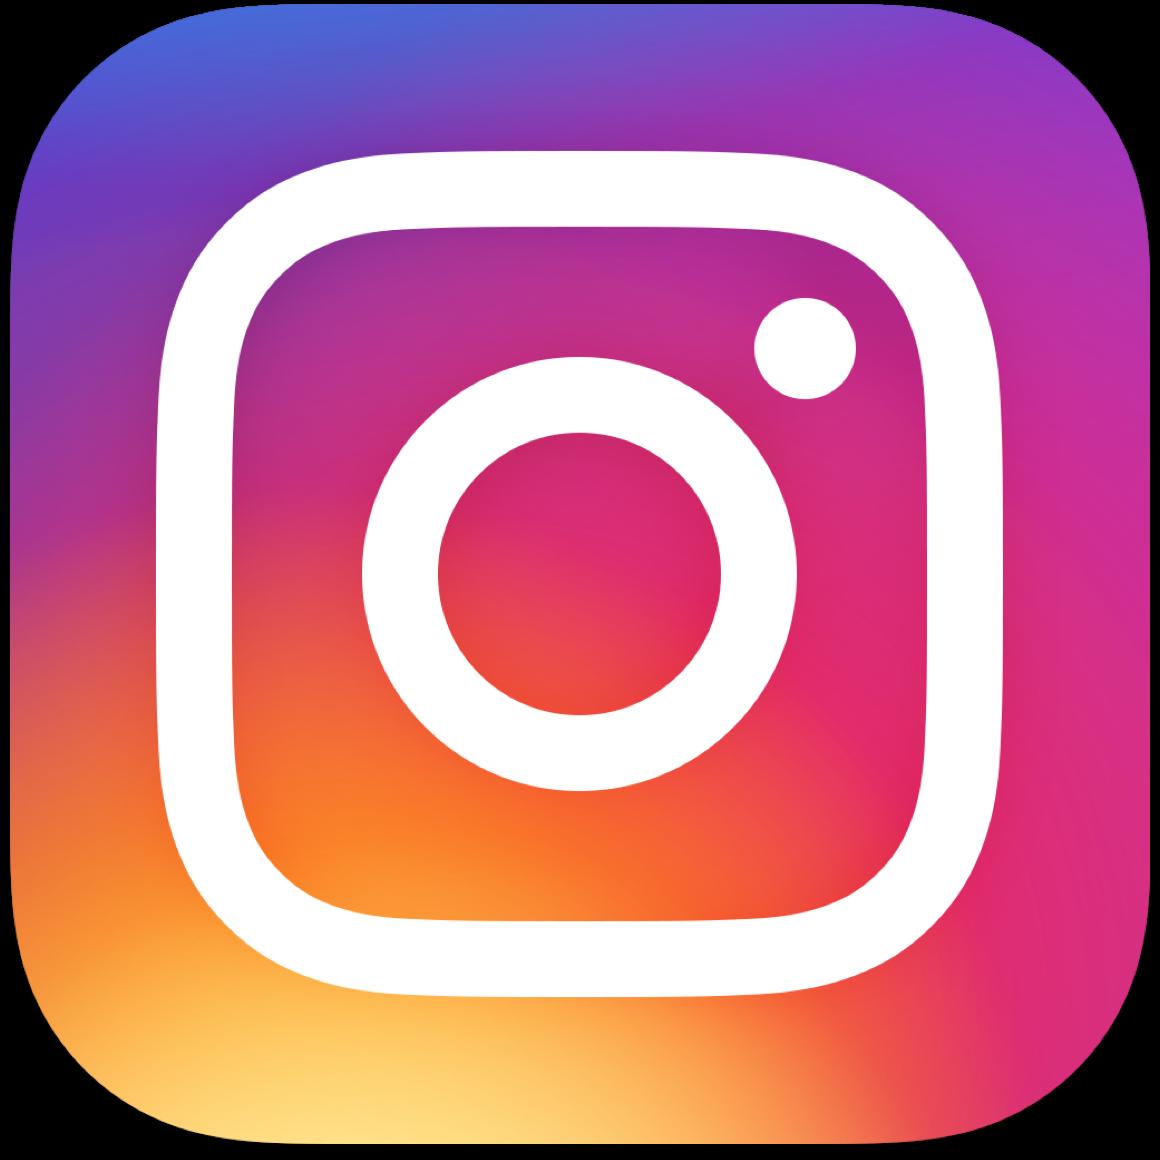 gafis´-Testblog auf Instagram folgen